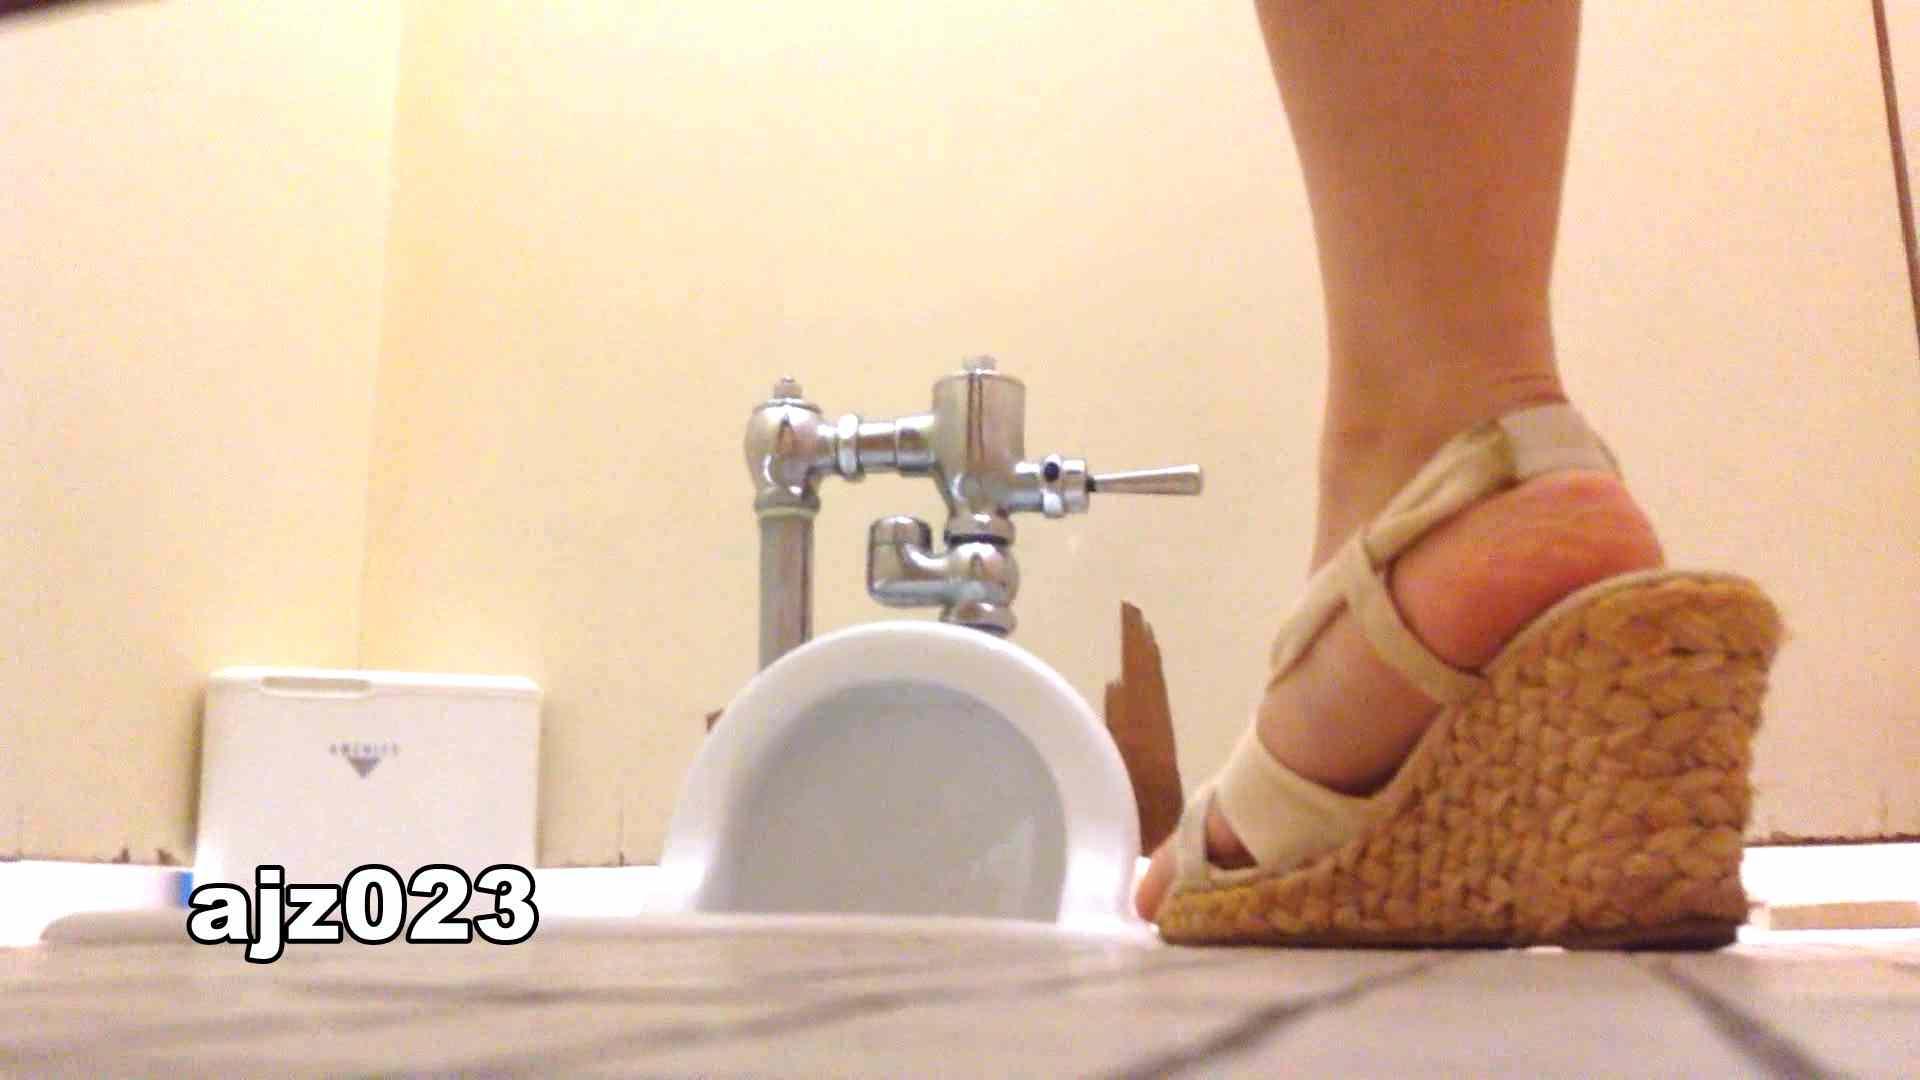 某有名大学女性洗面所 vol.23 洗面所 | 潜入  64PIX 61